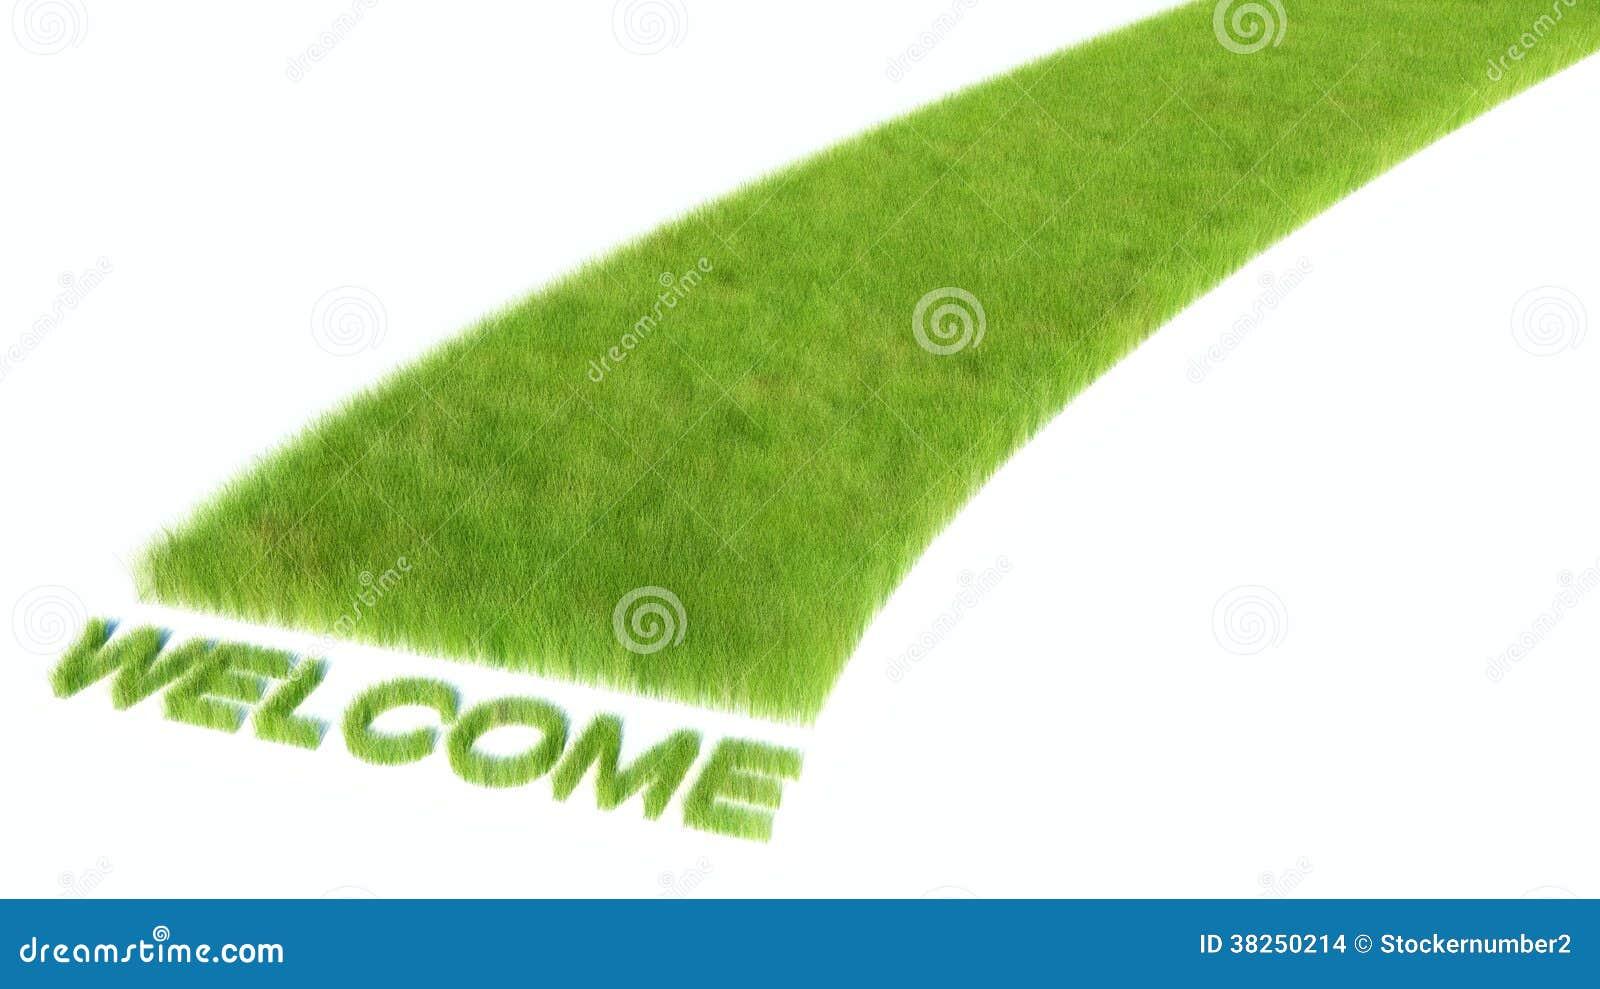 有鲜绿色的草的路。欢迎